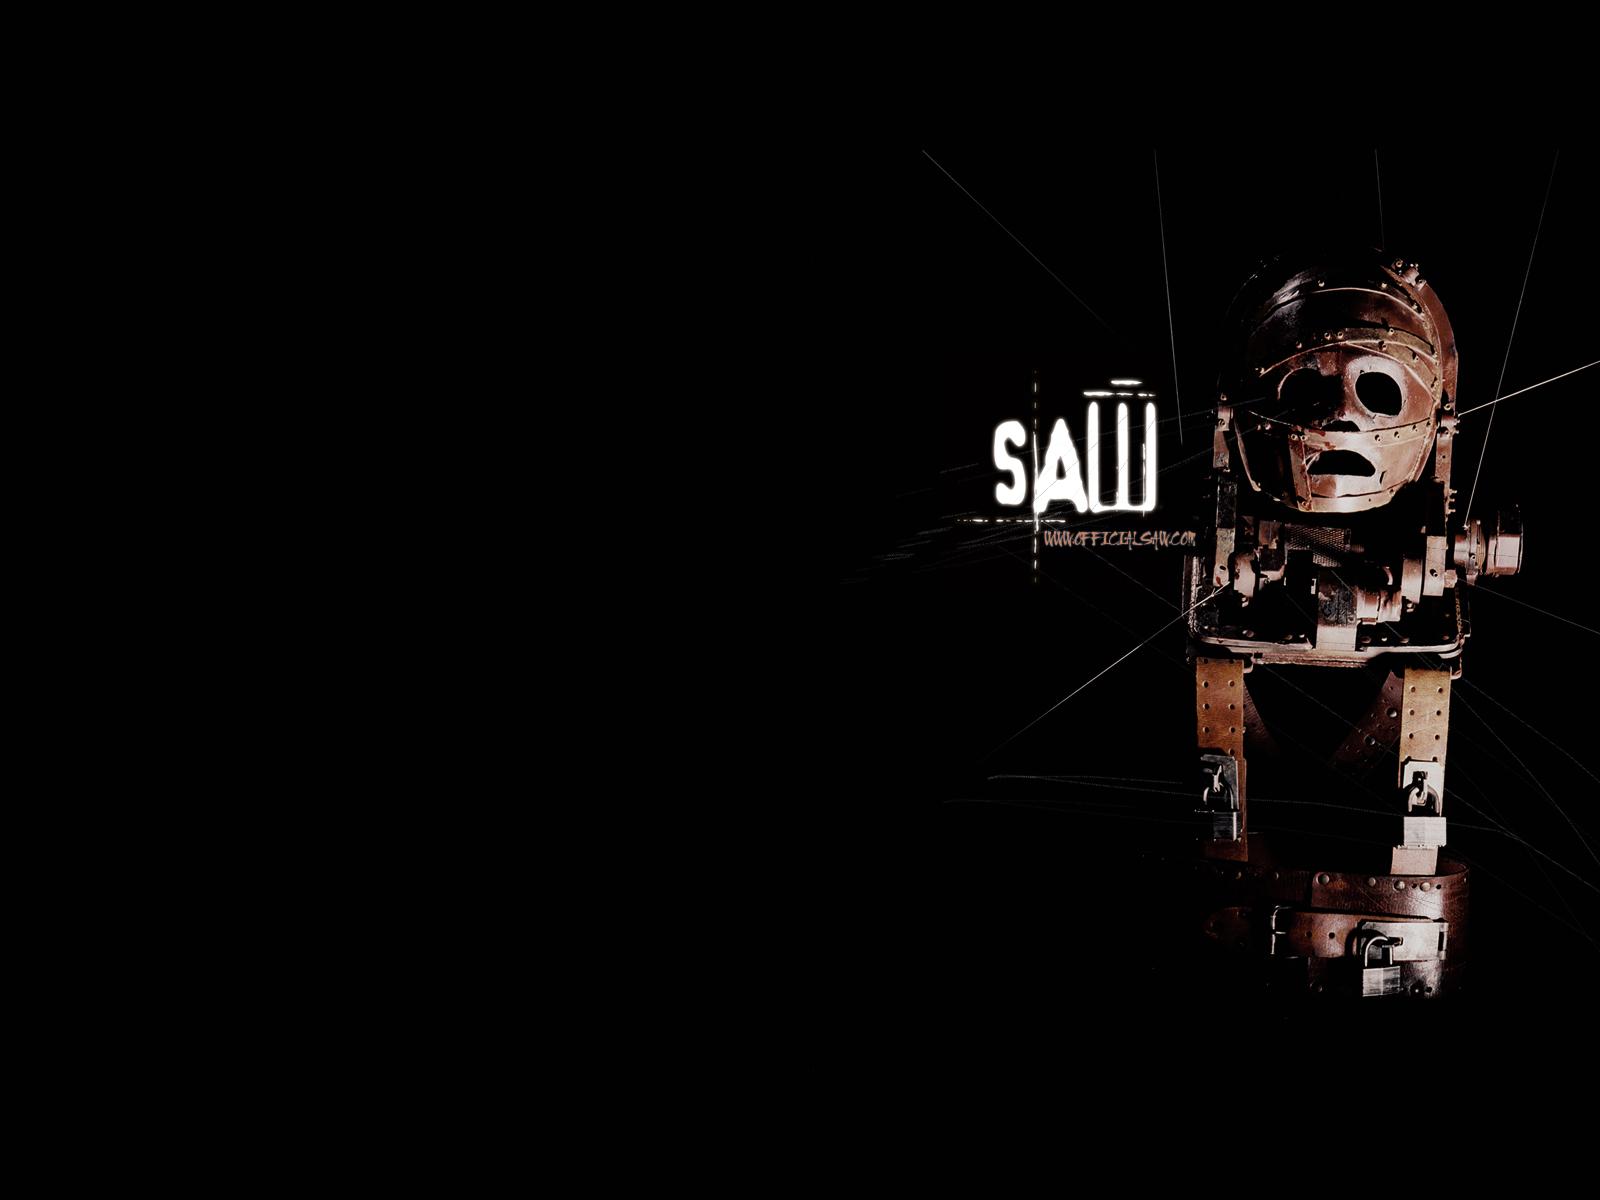 http://4.bp.blogspot.com/-iP7jI8A7S4Y/TrvH9oMftdI/AAAAAAAAB5Q/fE3ZQ__Zgfw/s1600/Saw-Wallpaper-horror-movies-8767324-1600-1200.jpg